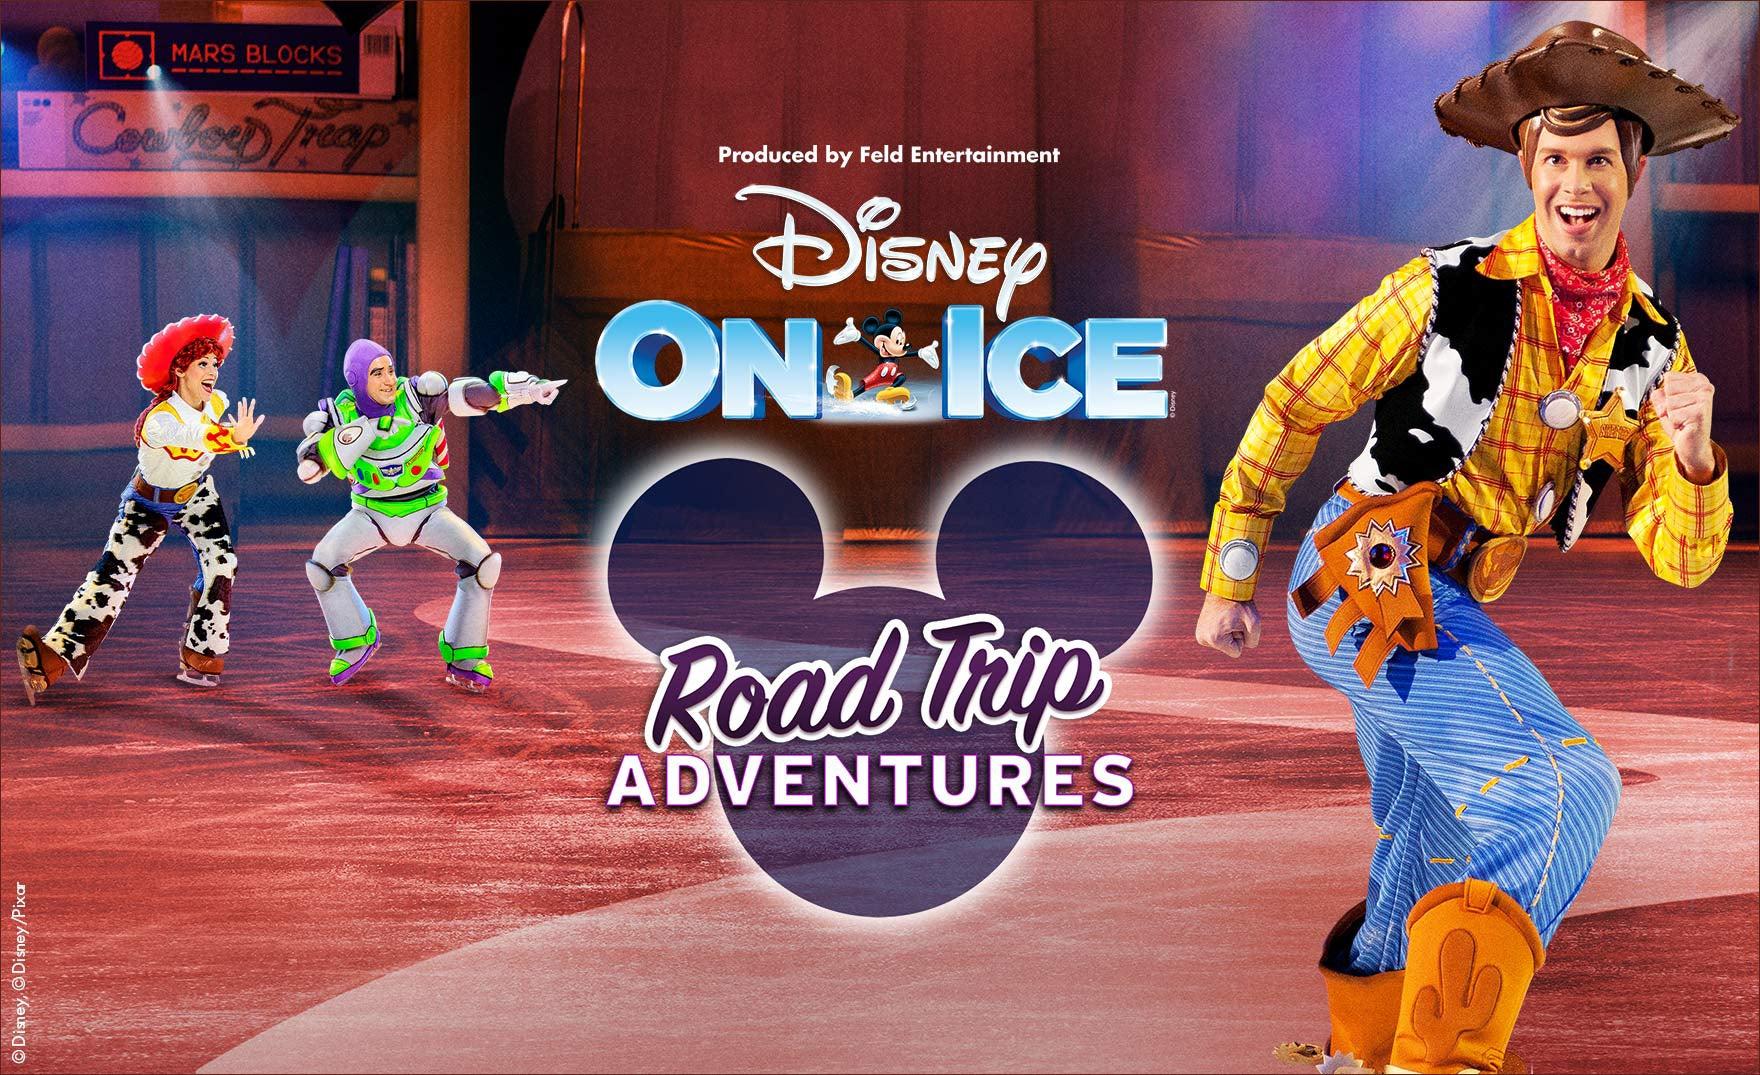 Disney on Ice: Road Trip Adventures